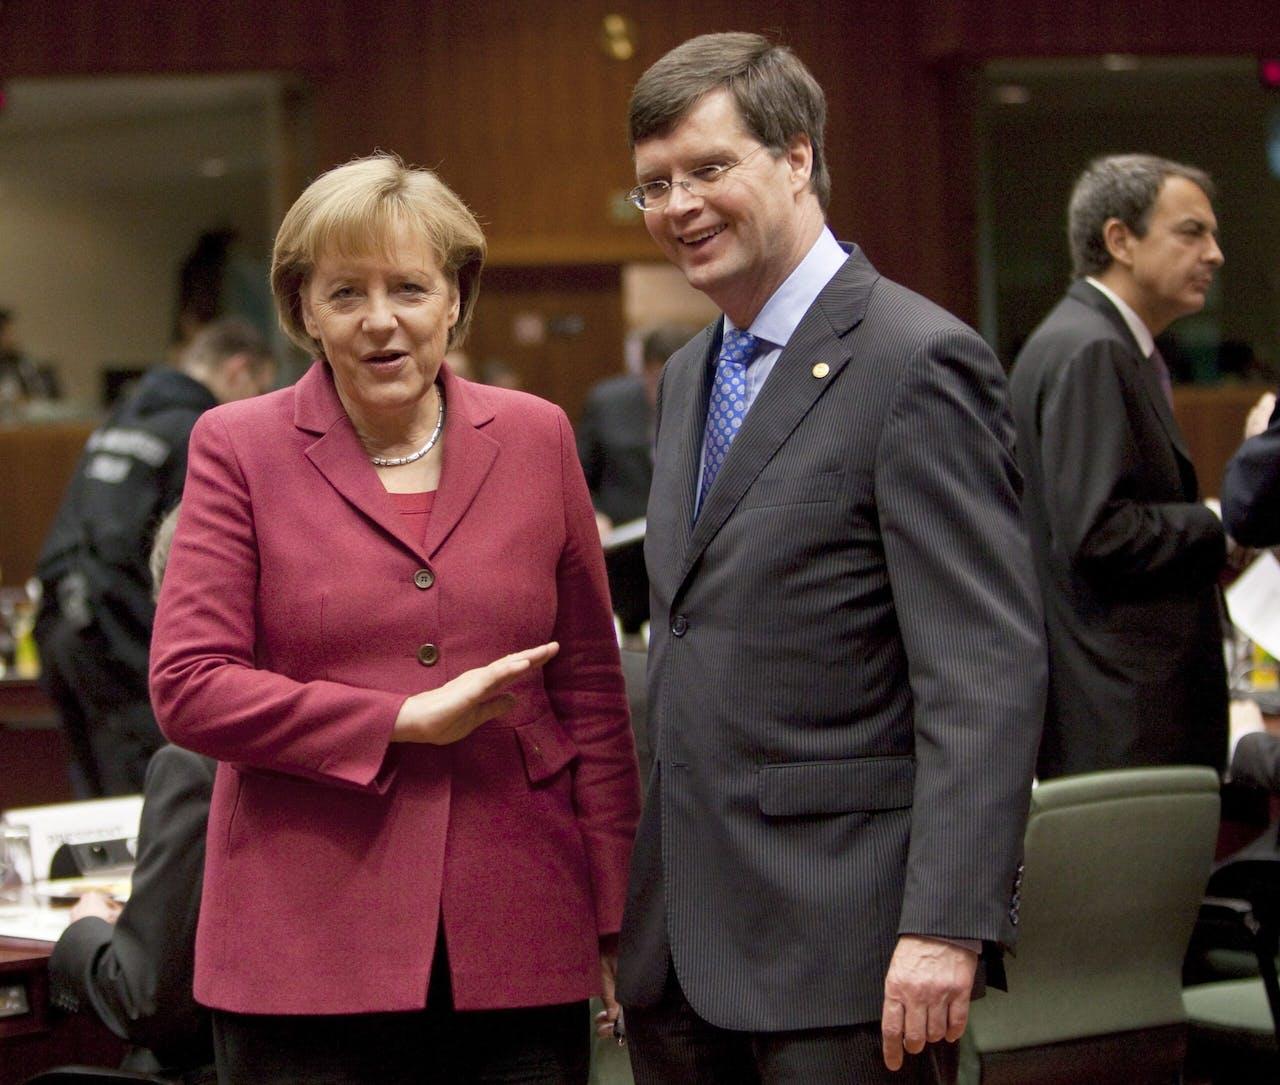 Angela Merkel en Jan Peter Balkenende